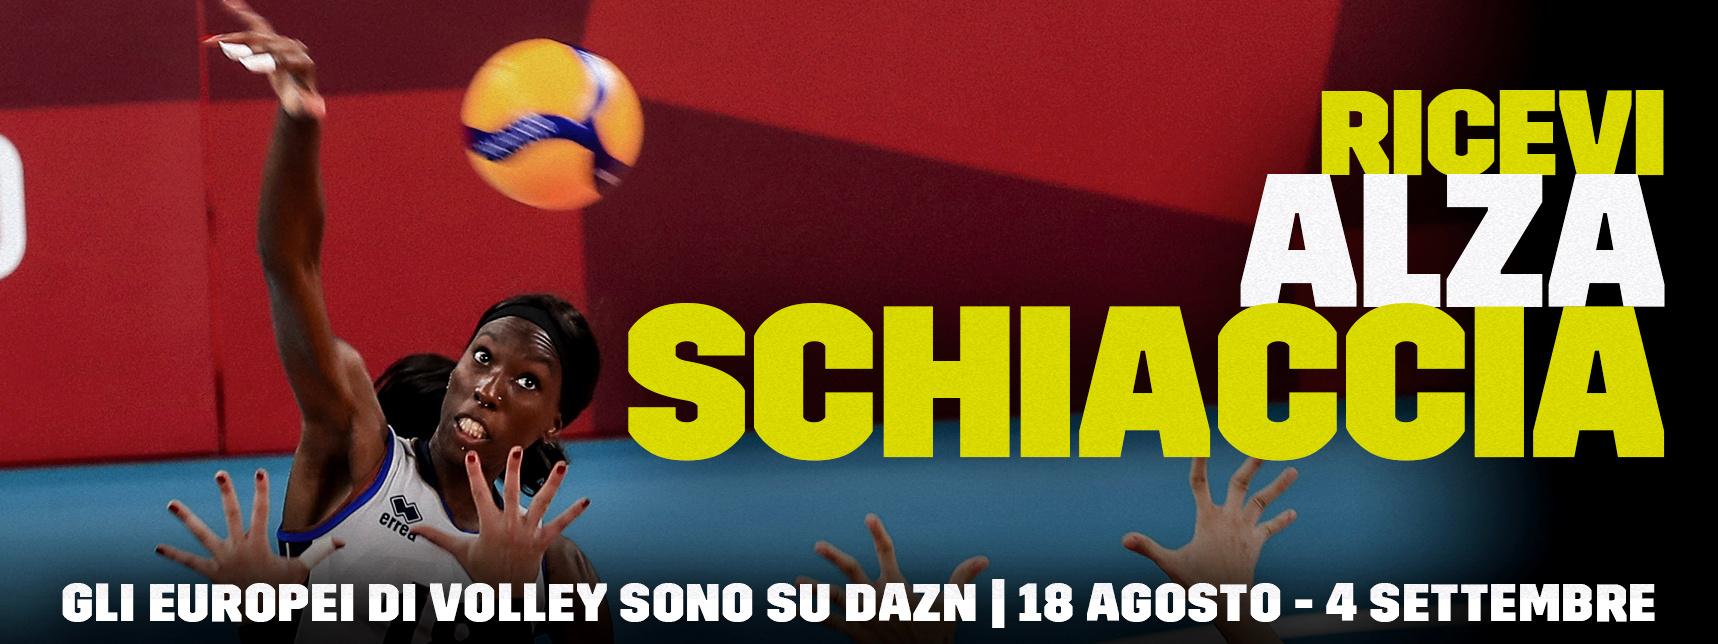 Volley, Europei Femminili 2021 in diretta su DAZN (18 Agosto  - 4 Settembre)